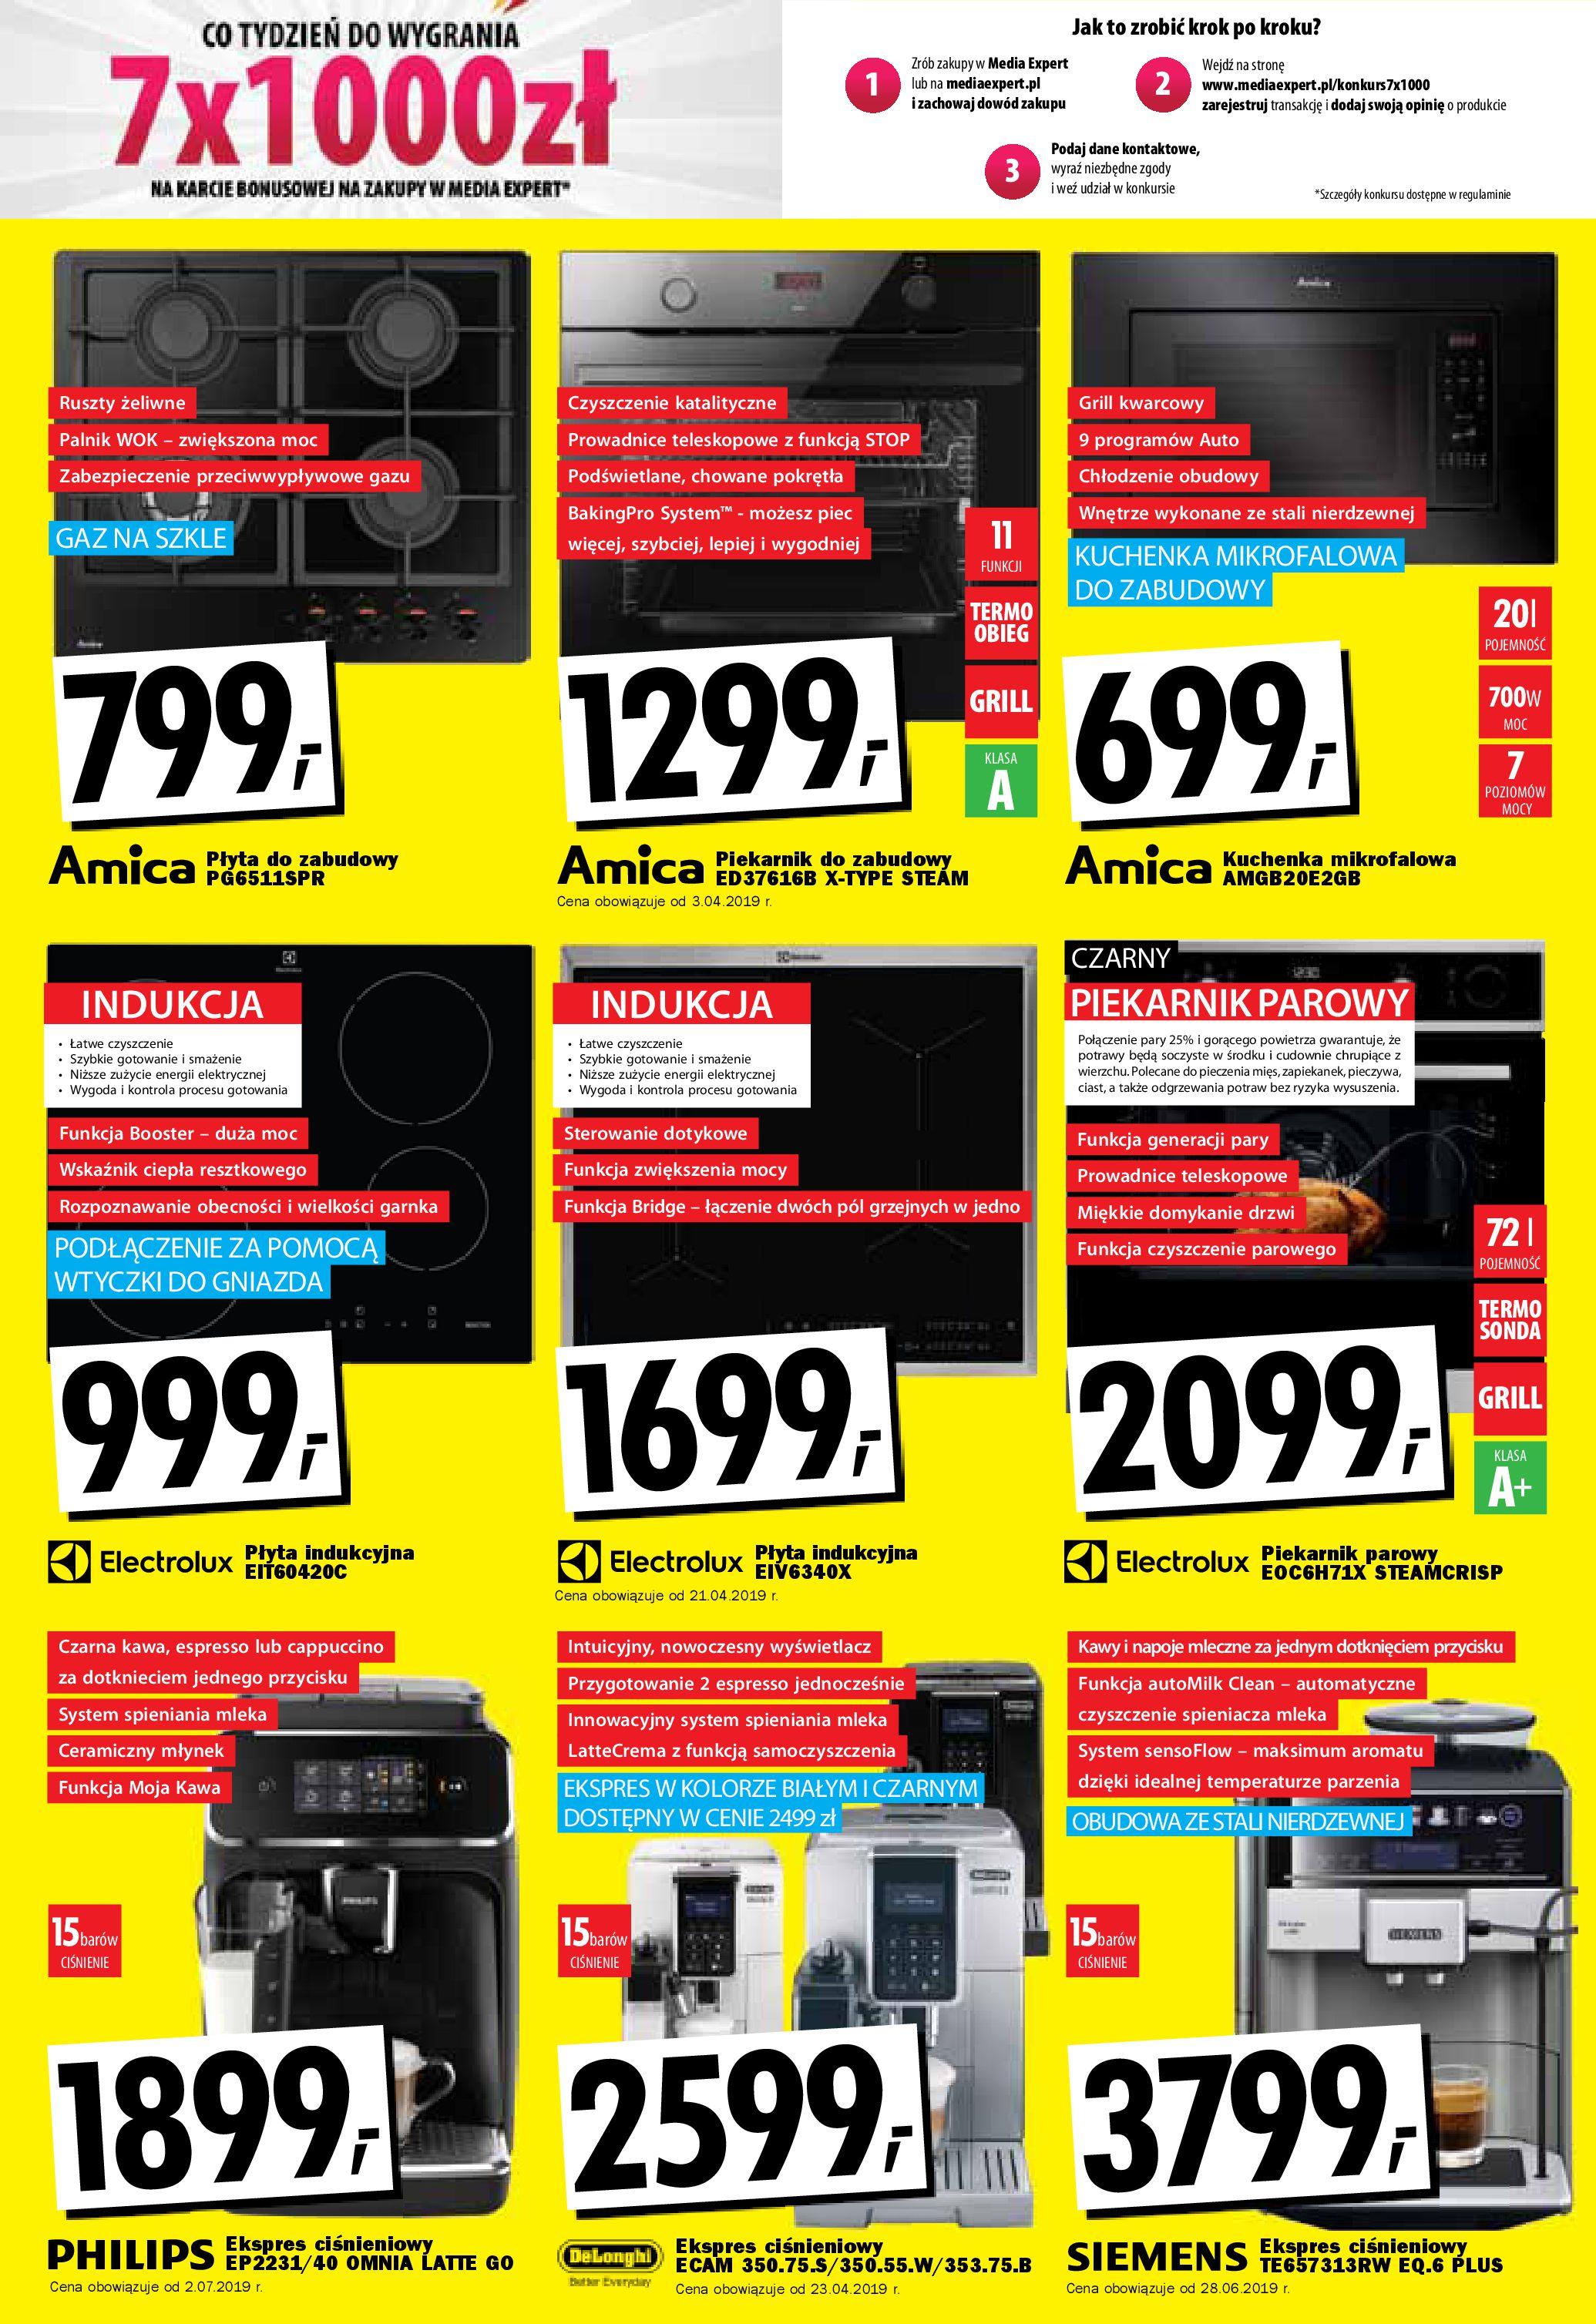 Gazetka Media Expert - Włączamy niskie ceny!-10.07.2019-24.07.2019-page-10